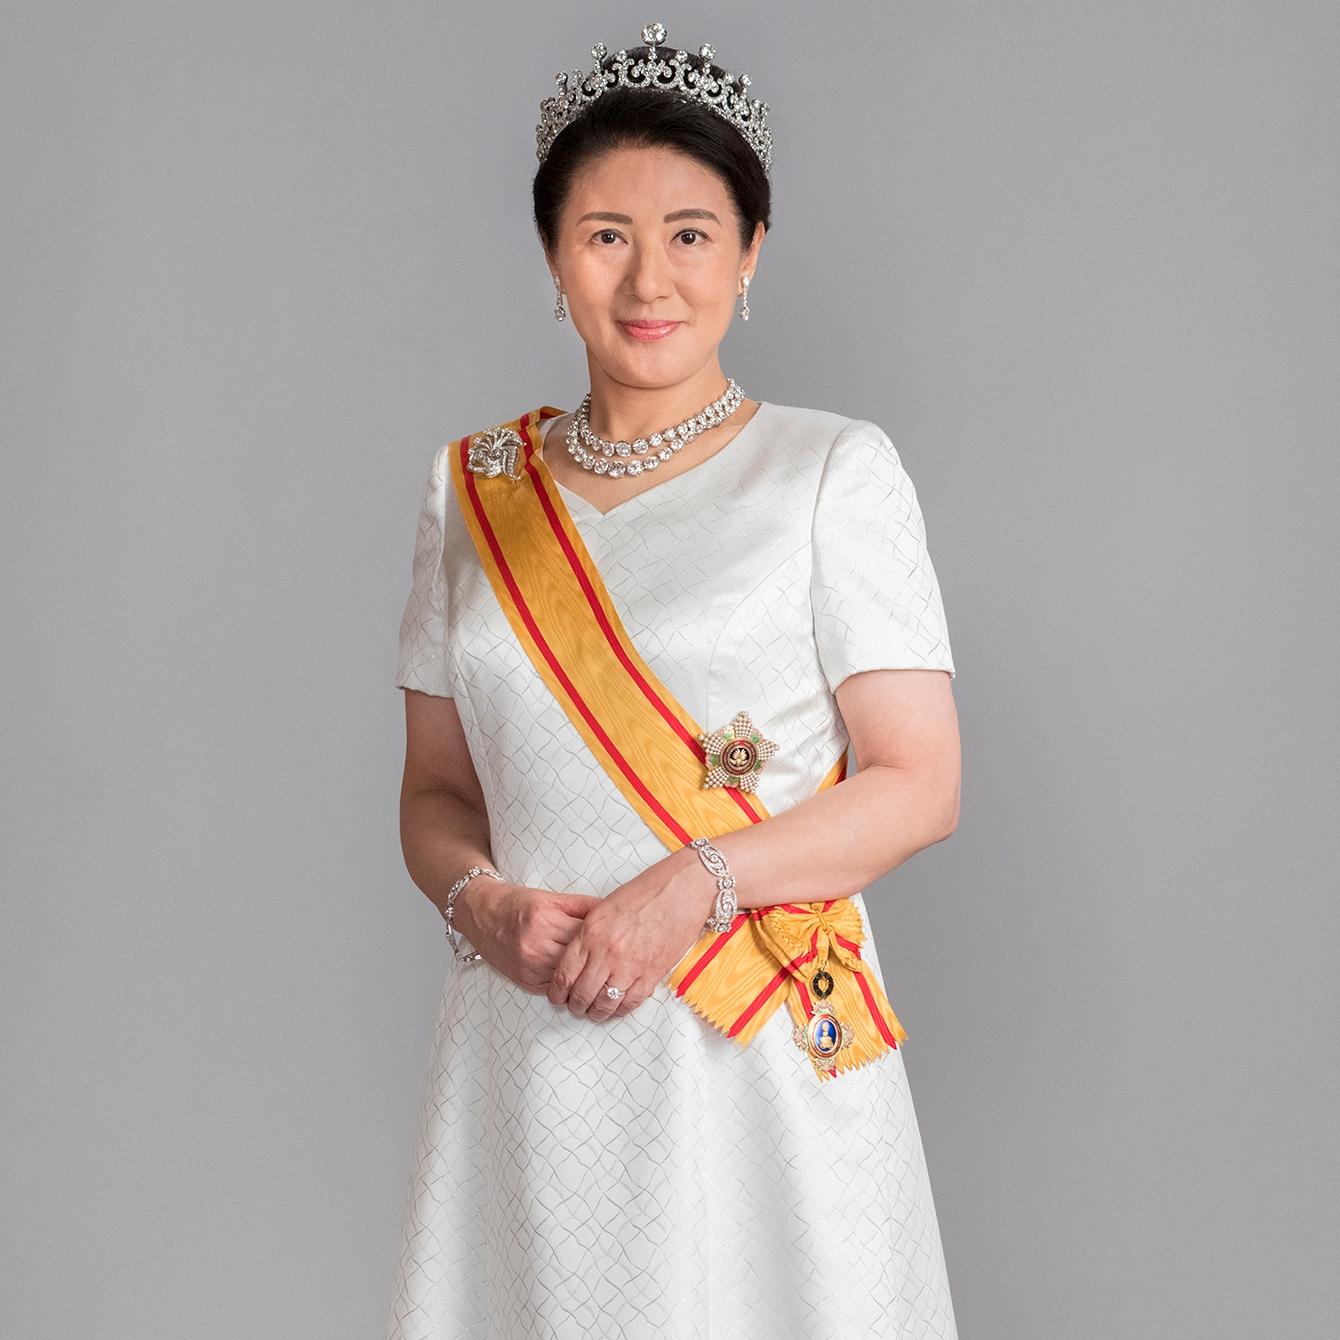 【皇后・雅子さまファッション】輝くゴールドと神聖なホワイトの眩い美しさ